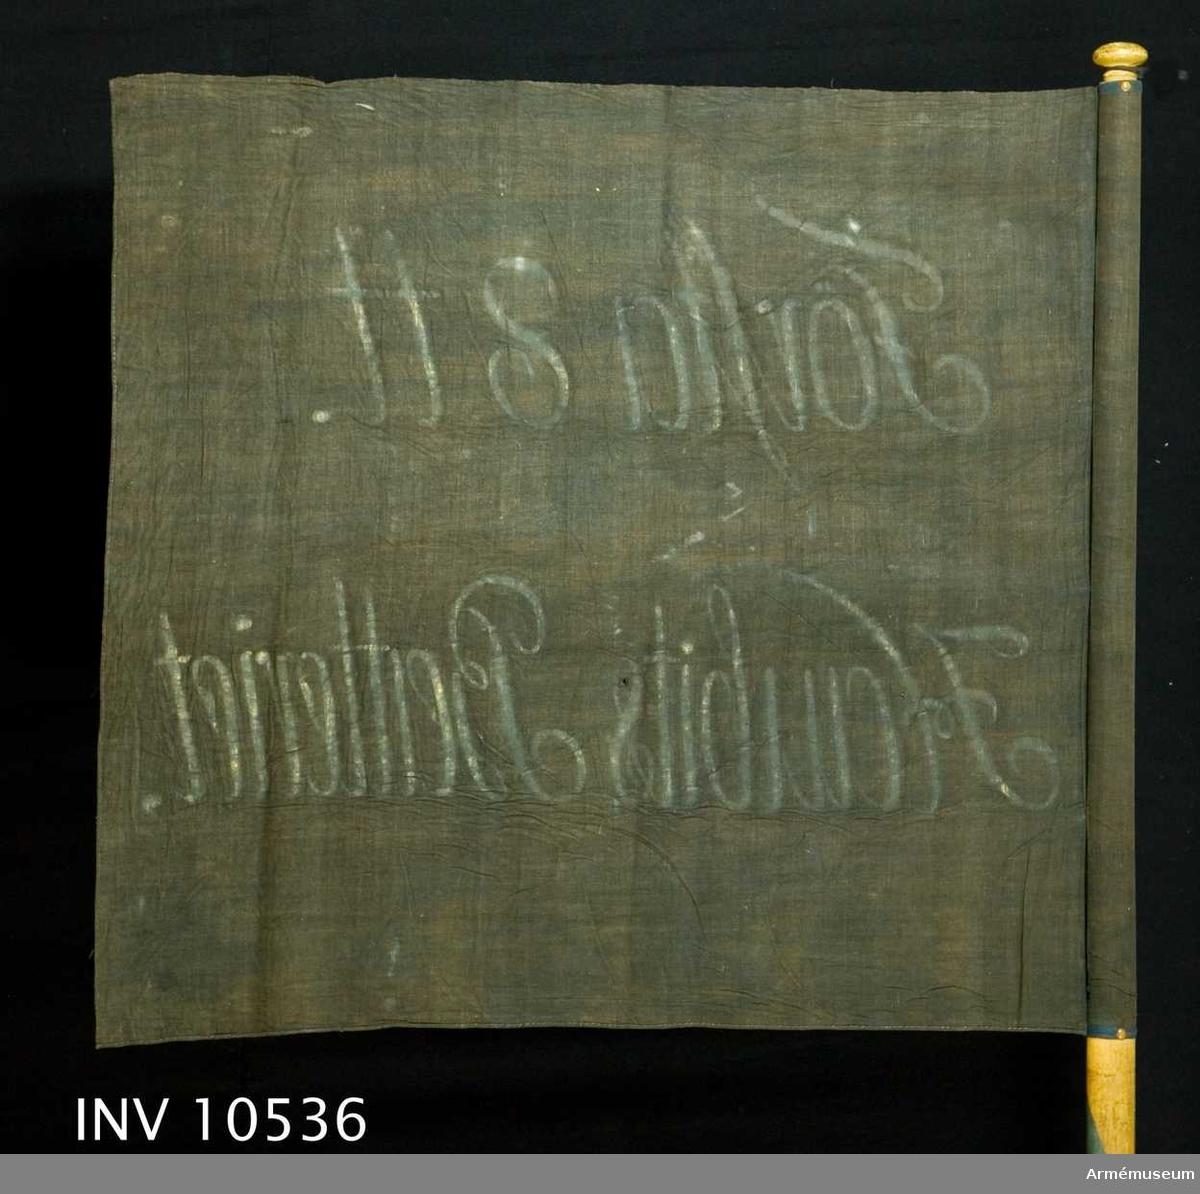 """Grupp B I.  Duk med inskrift: """"Första 8 tt Haubits Batteriet"""". Svart med gul text. """"Knopp"""" 35 mm.  Fanan är identiskt lika med AM 1932:3907 = 1975:10537."""